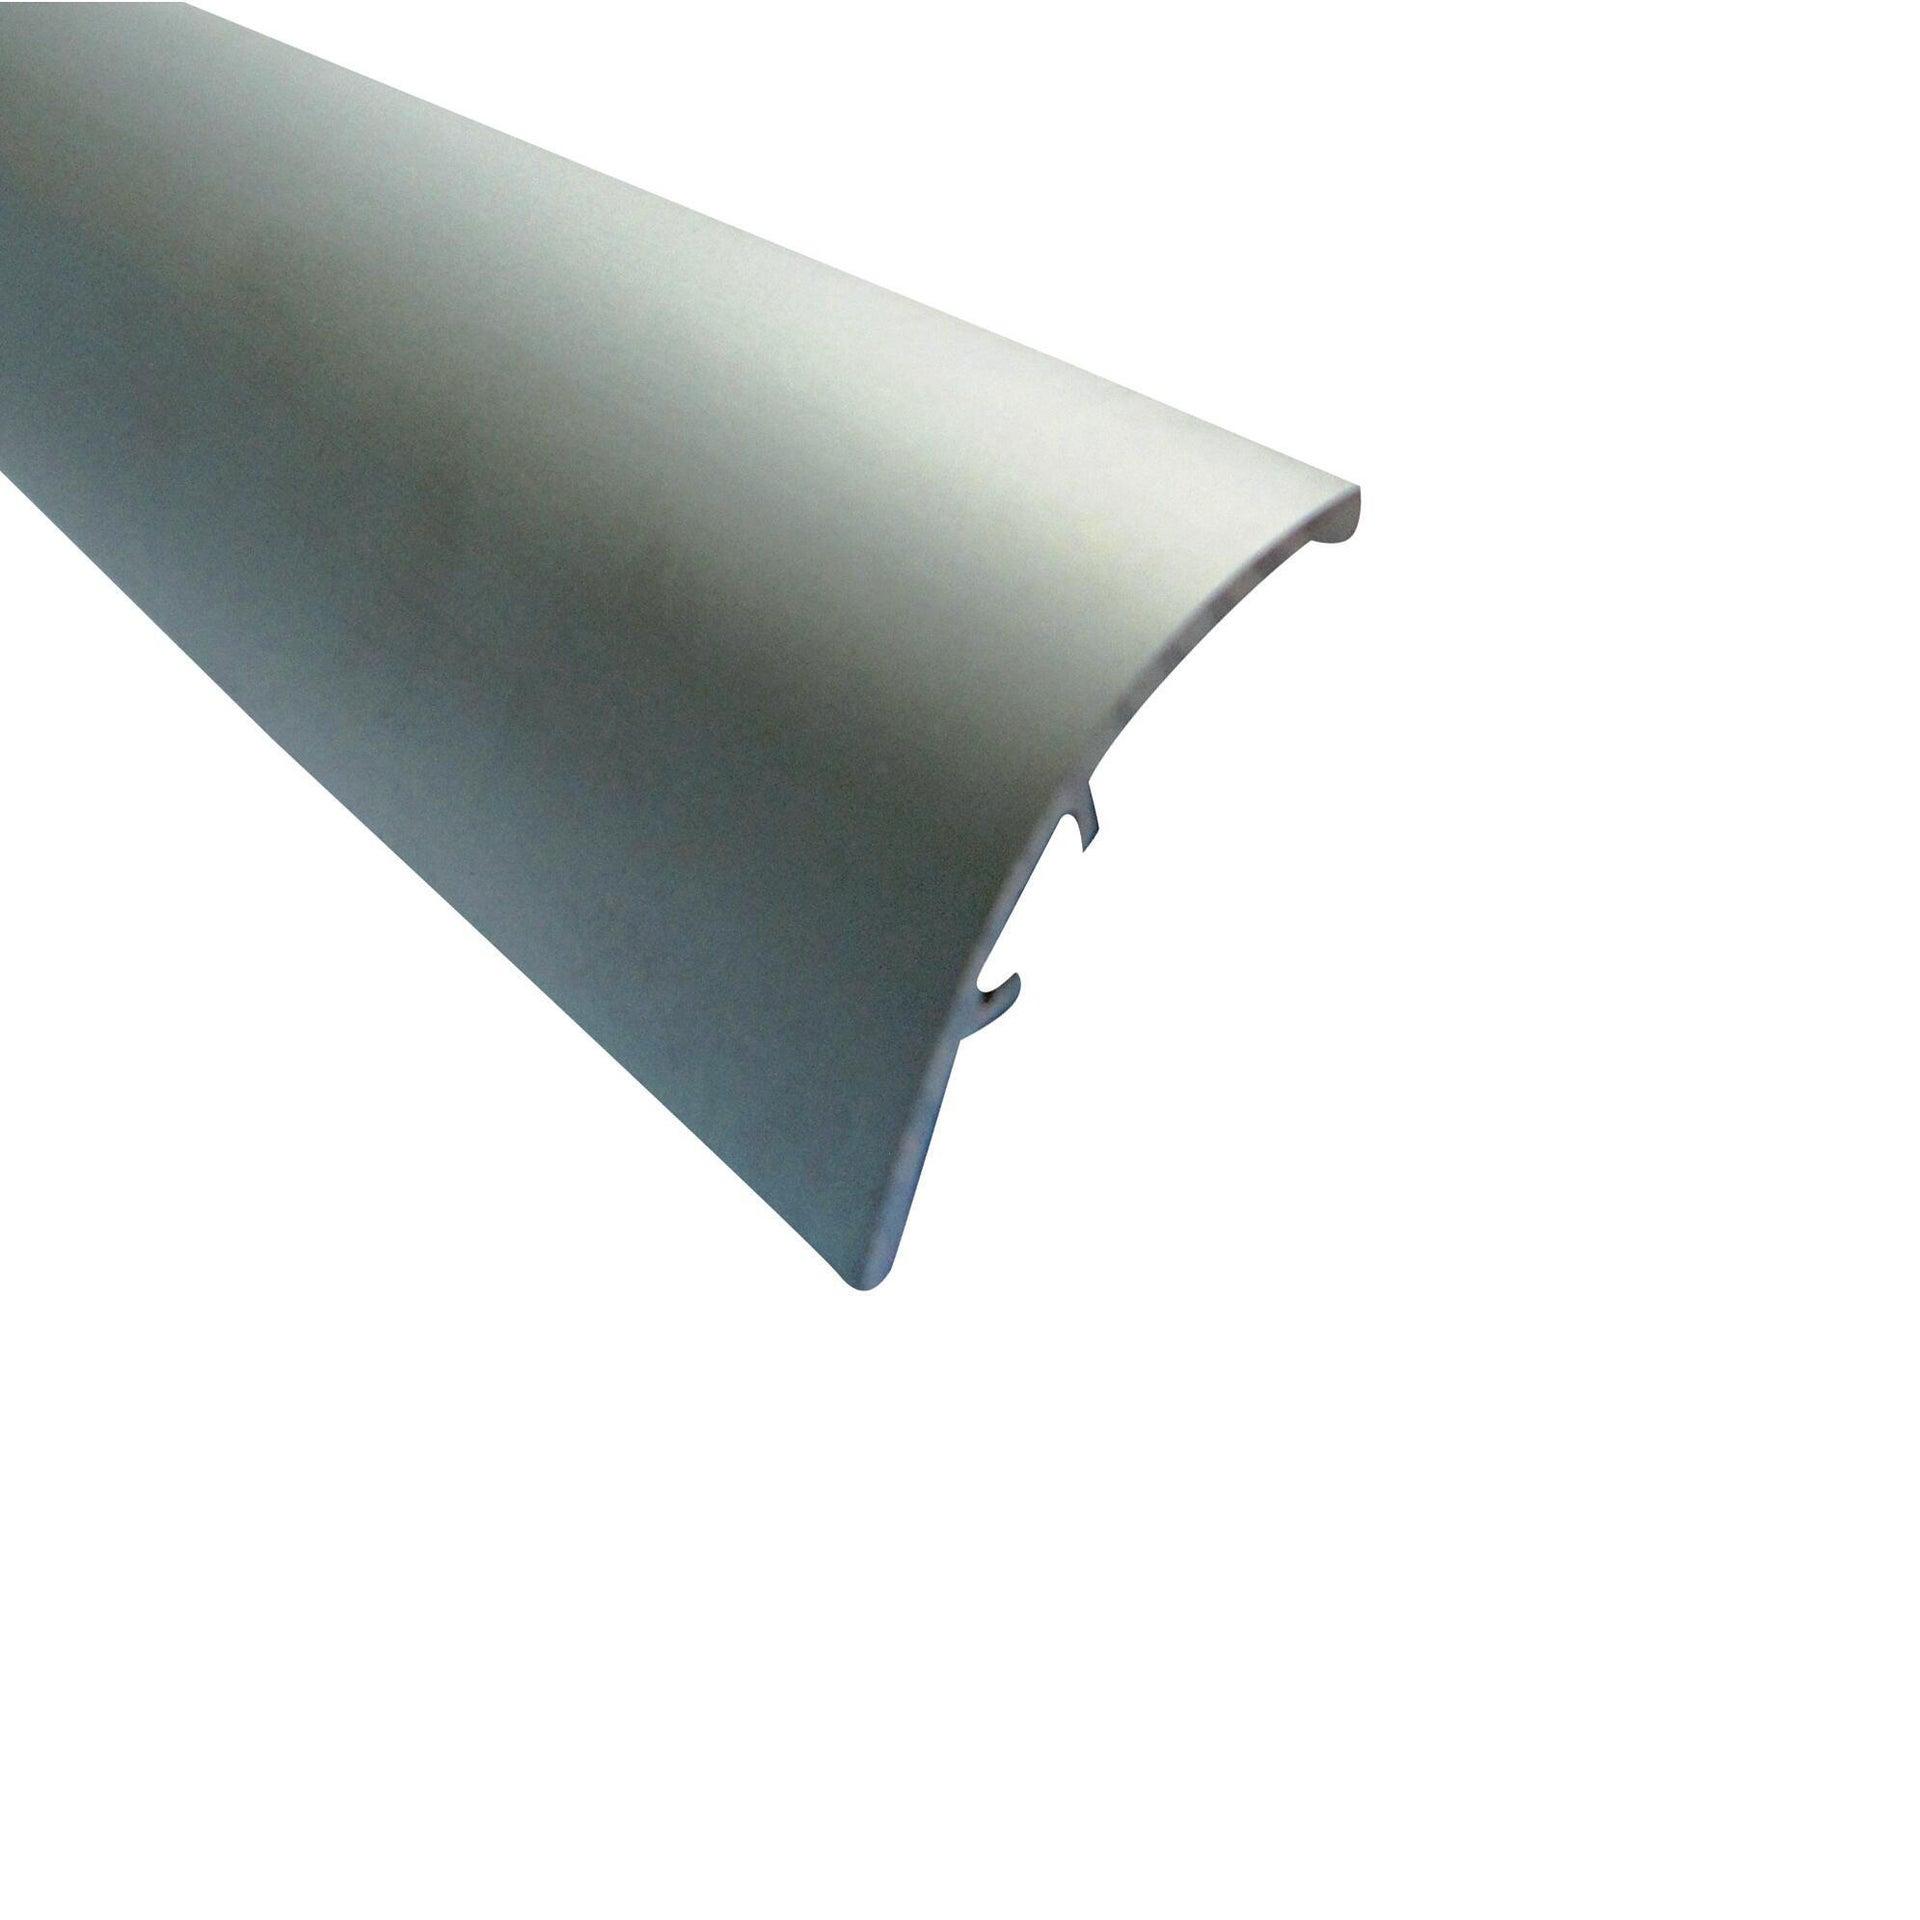 Soglia di dislivello argento 40 mm x 270 cm - 1